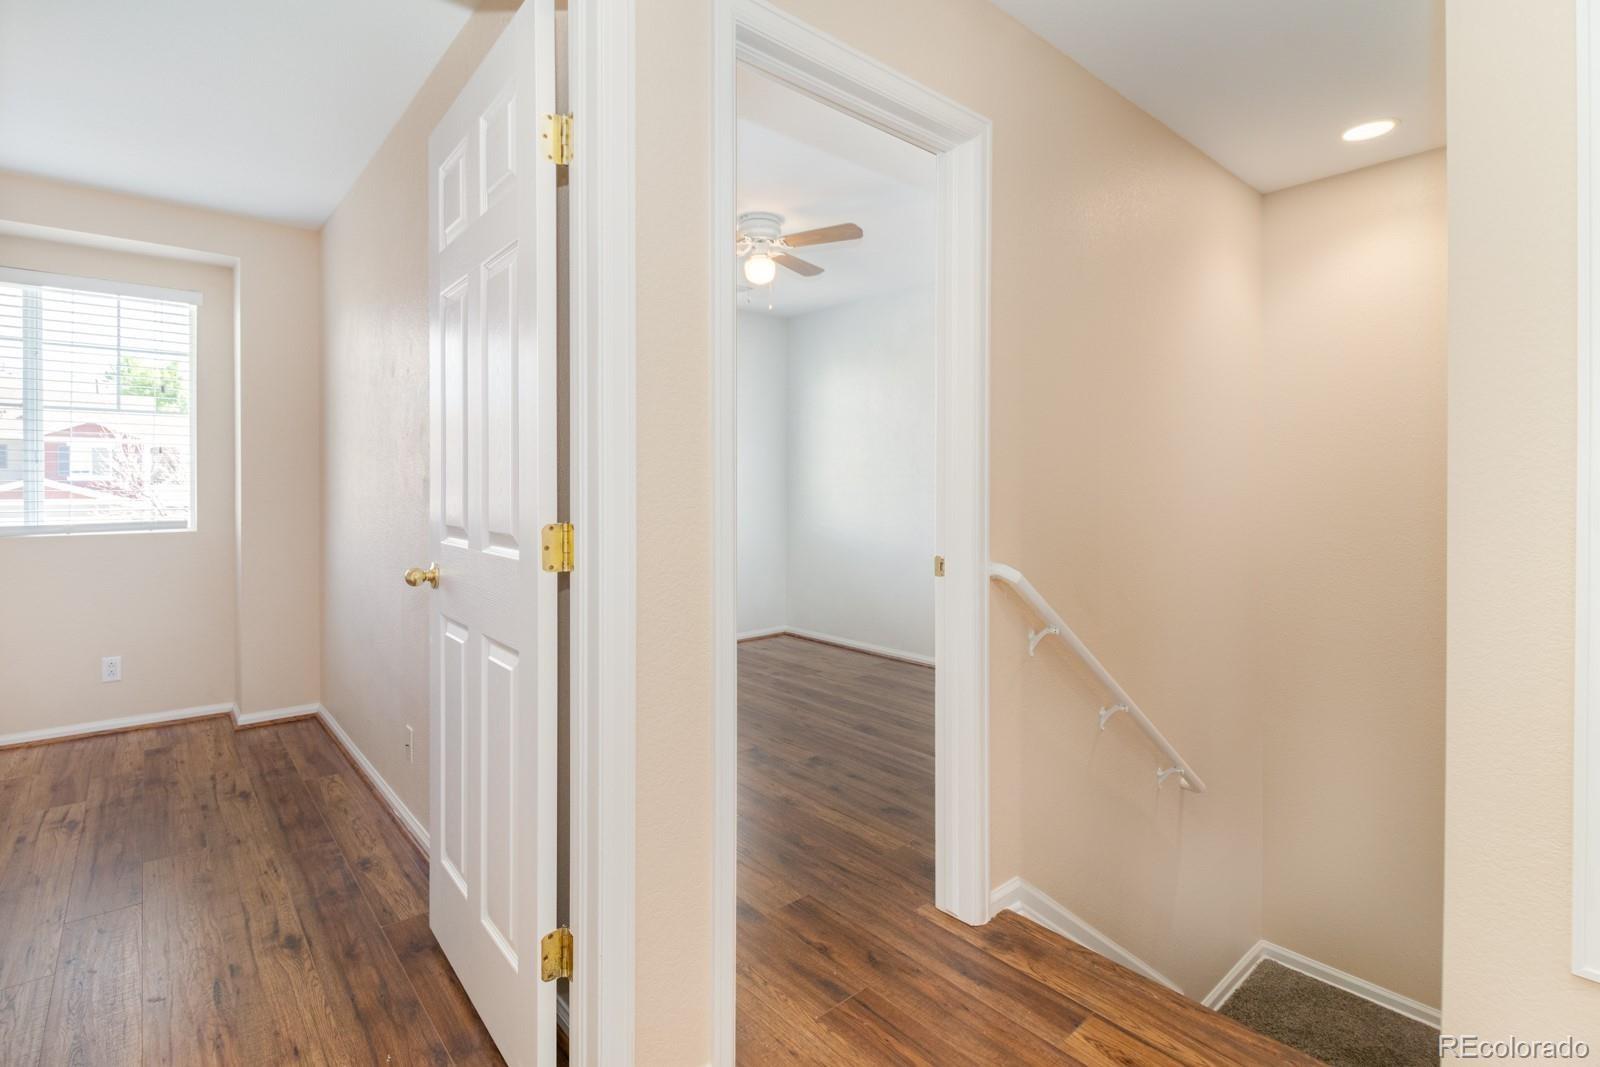 MLS# 9263654 - 10 - 6045 Turnstone Place, Castle Rock, CO 80104